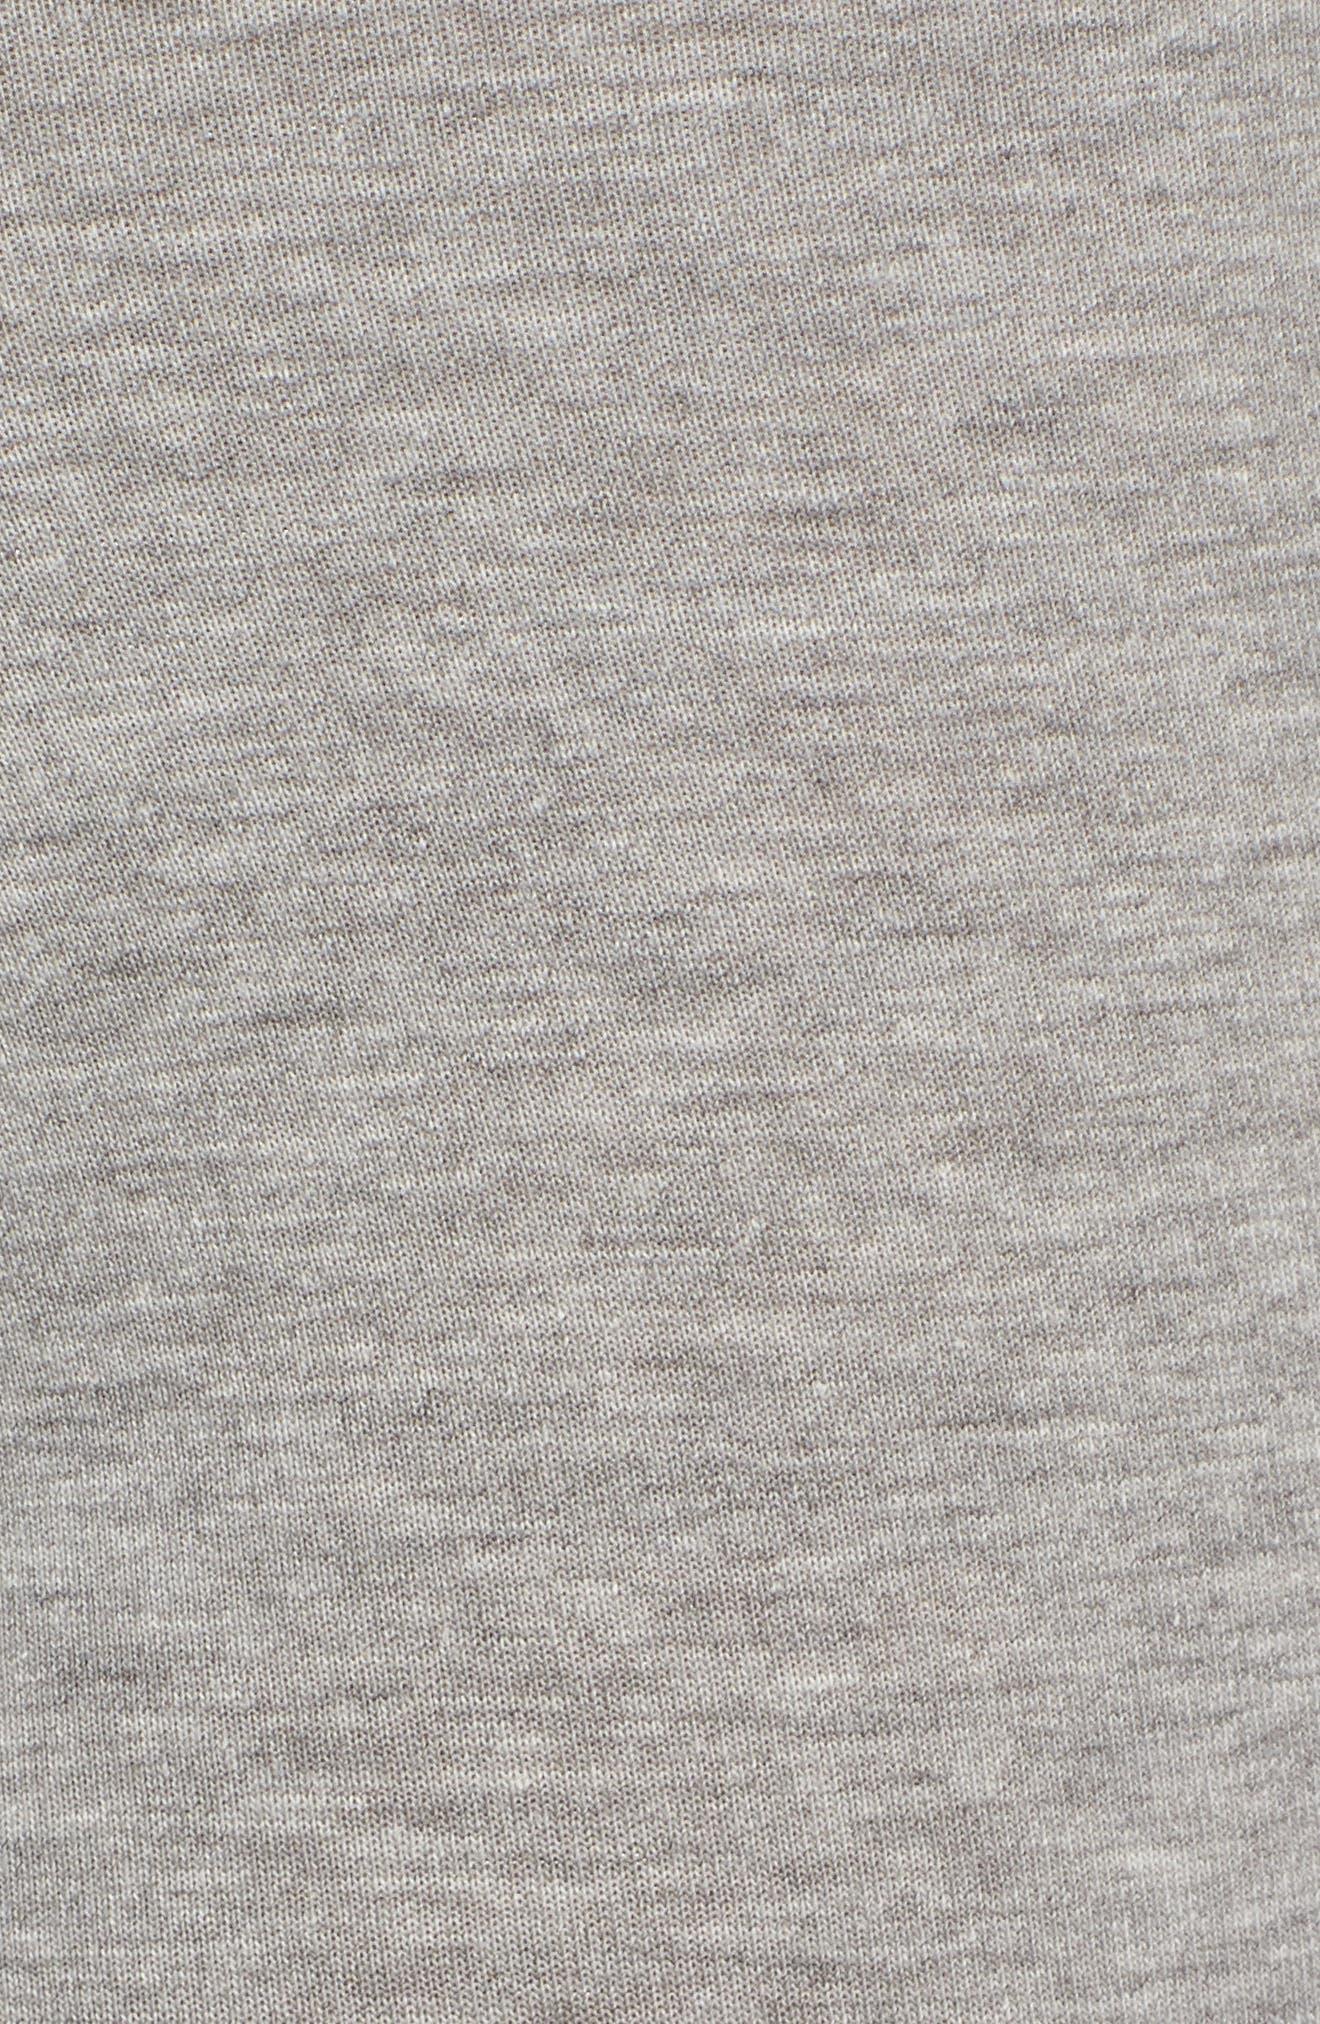 PAUL SMITH,                             3-Pack Trunks,                             Alternate thumbnail 6, color,                             BLACK/ WHITE/ GREY